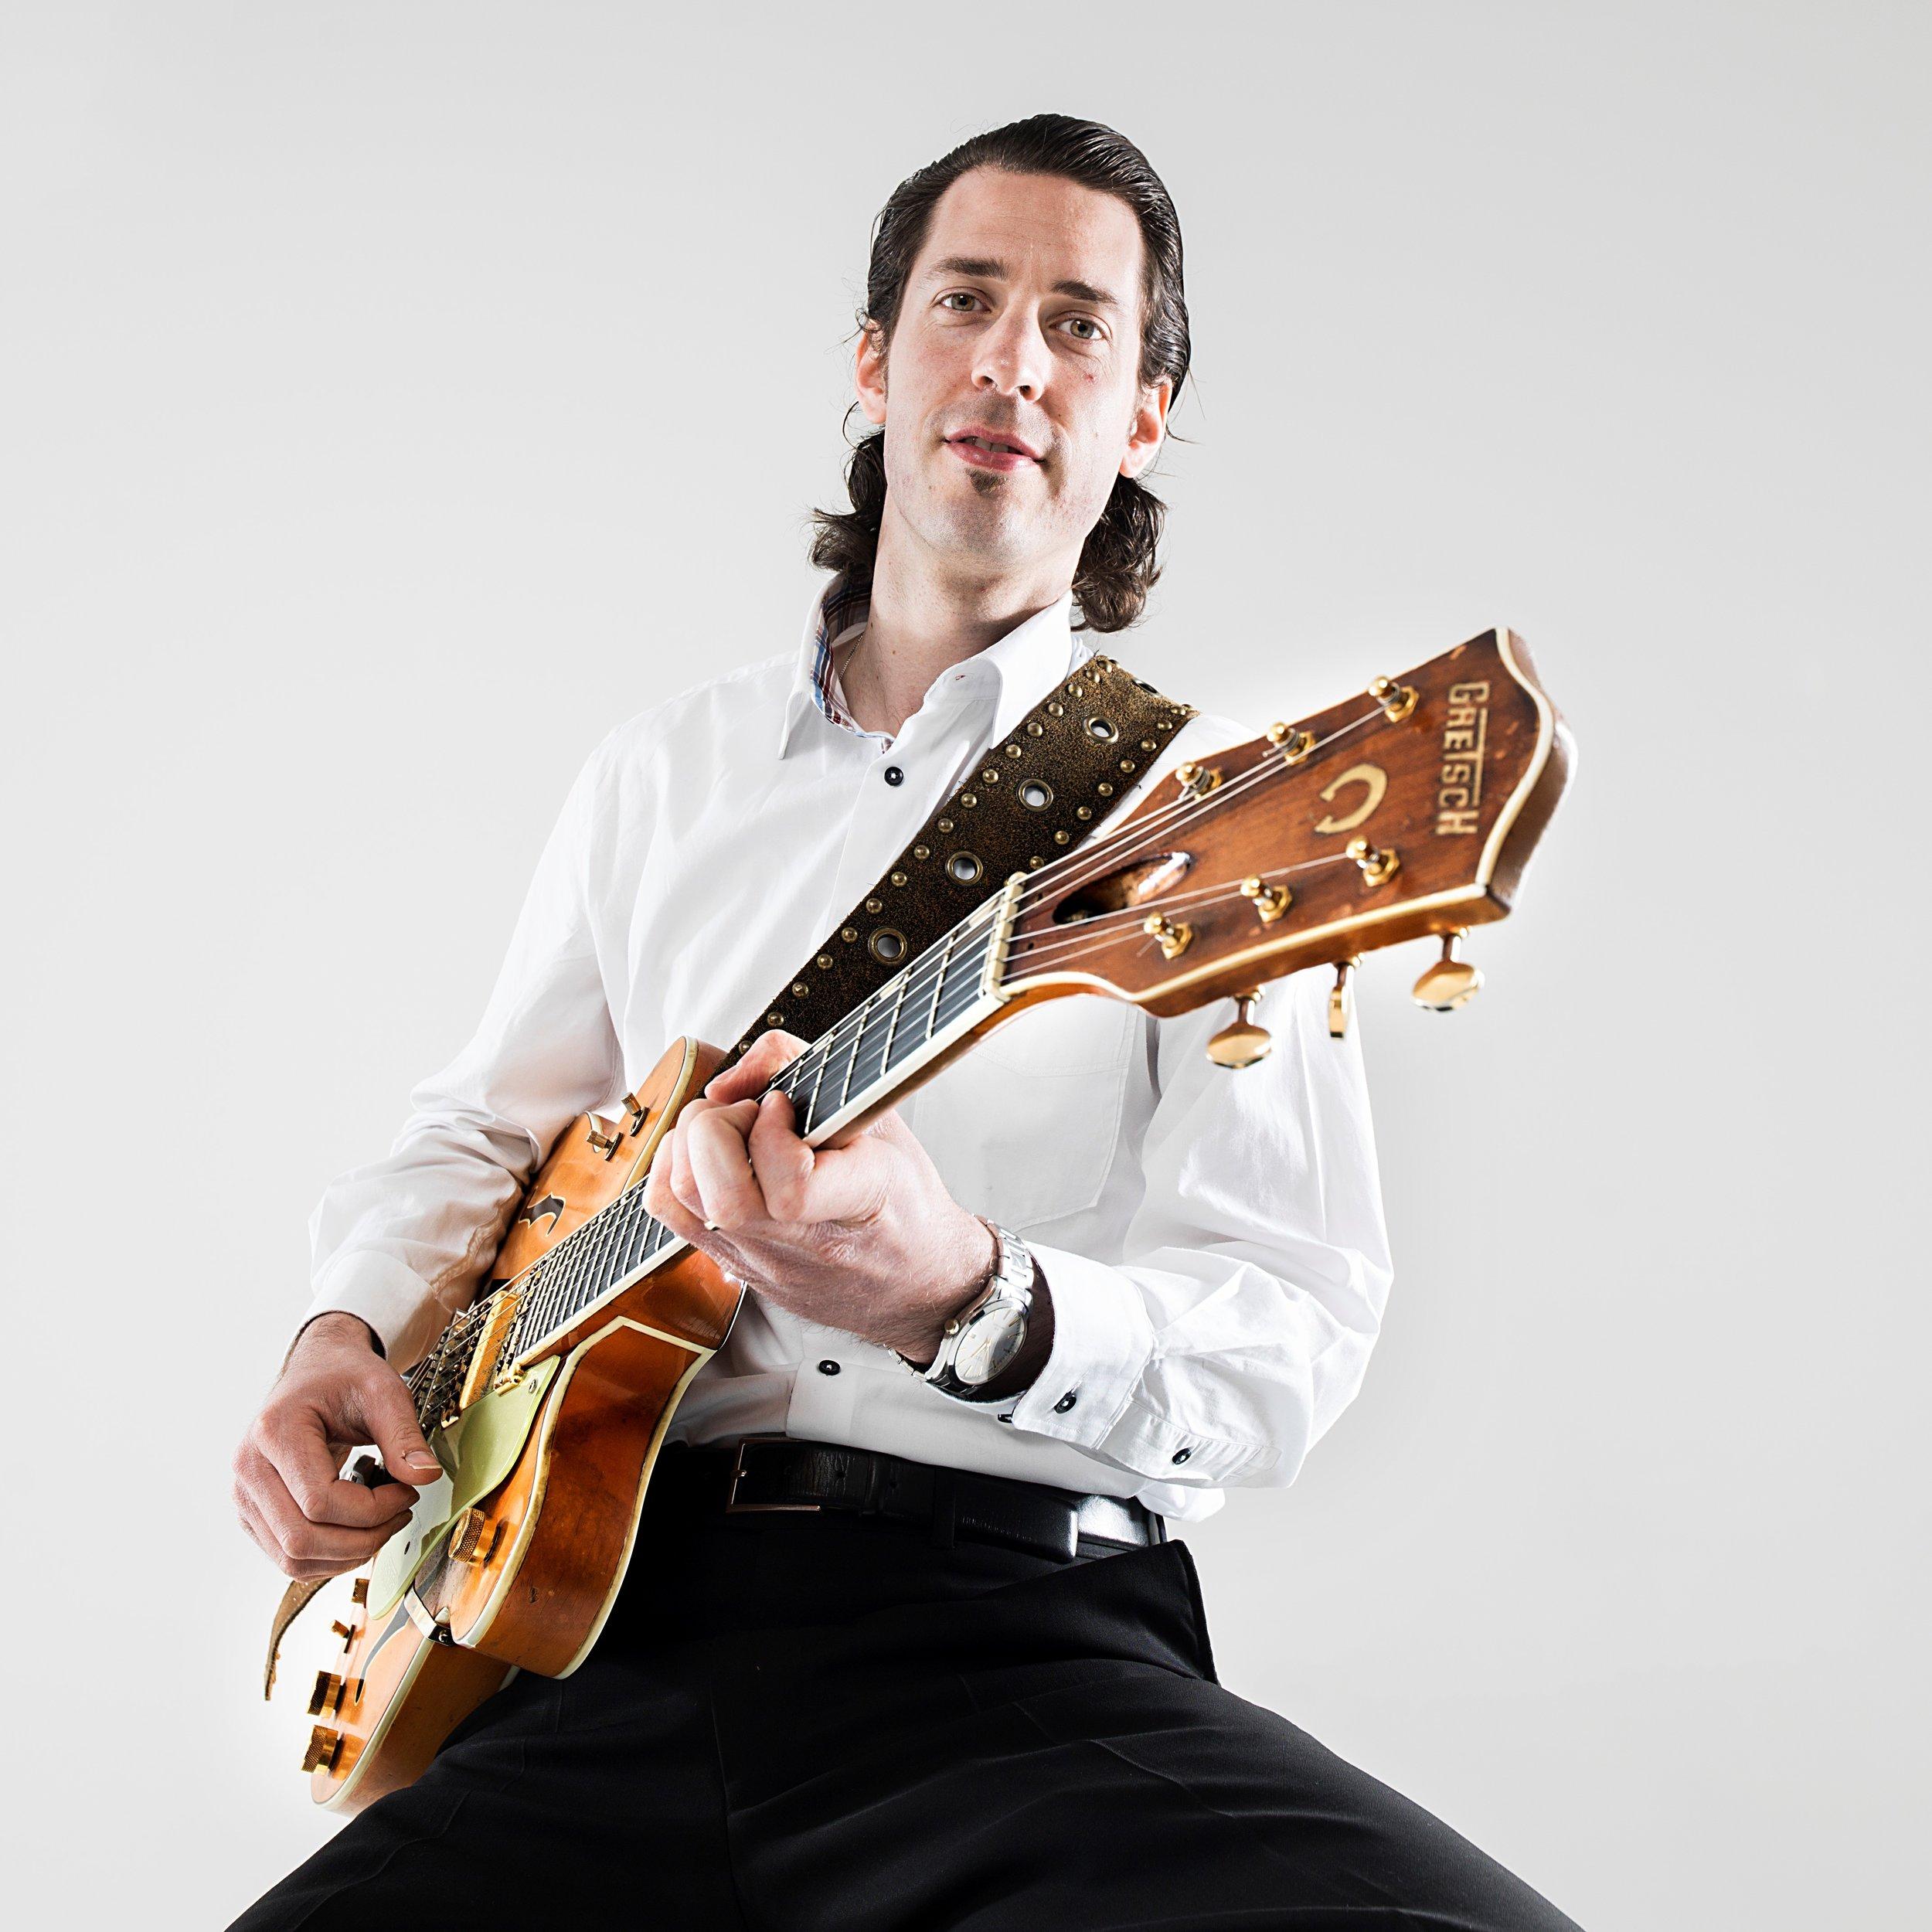 Thomas Bekhuis - Thomas Bekhuis is een gitarist die een veelzijdigheid aan stijlen combineert tot zijn eigen sound, een fijne mix van rock, jazz, funk, blues, soul, R&B en surf.Op zijn zevende begon hij met piano en toen hij 12 was stapte hij over op de gitaar. Snel hierna was hij overladen met de muziek van Jimi Hendrix, Eric Clapton, Steely Dan, George Benson en John Scofield.Thomas studeerde af als Master of Music in Jazz Gitaar aan het Conservatorium van Amsterdam en het Purchase College New York en volgde o.a. lessen van meester gitaristen John Abercrombie, Jesse van Ruller en Robert Fripp.Thomas speelt onder andere in de bands The Sky Riders en Tres Tranquilos. Verder speelt Thomas regelmatig met Lilian Jackson (Spargo).Hij heeft gewerkt met Jared Grant, Dorona Alberti (Gare Du Nord), Lo van Gorp, Simone Roerade (mrs. Hips), Brownie Dutch en vele anderen.